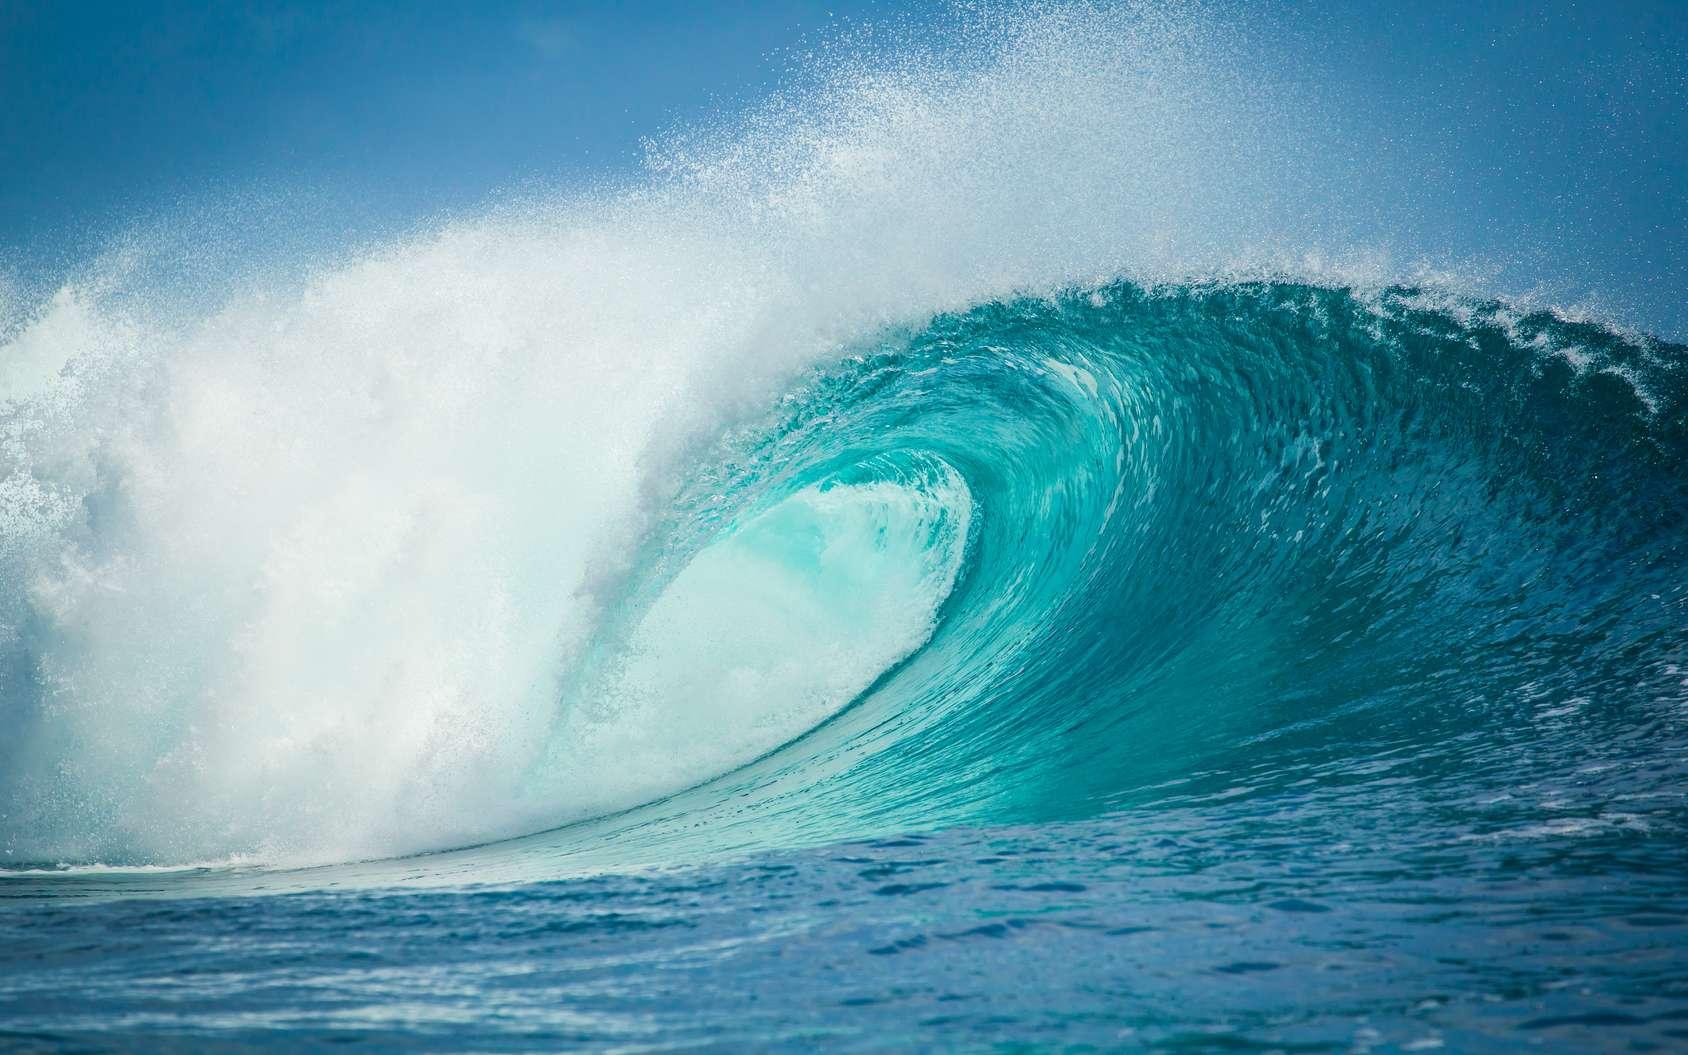 Une vague est une onde mécanique qui se propage à la surface de l'eau. © Tomfry, fotolia